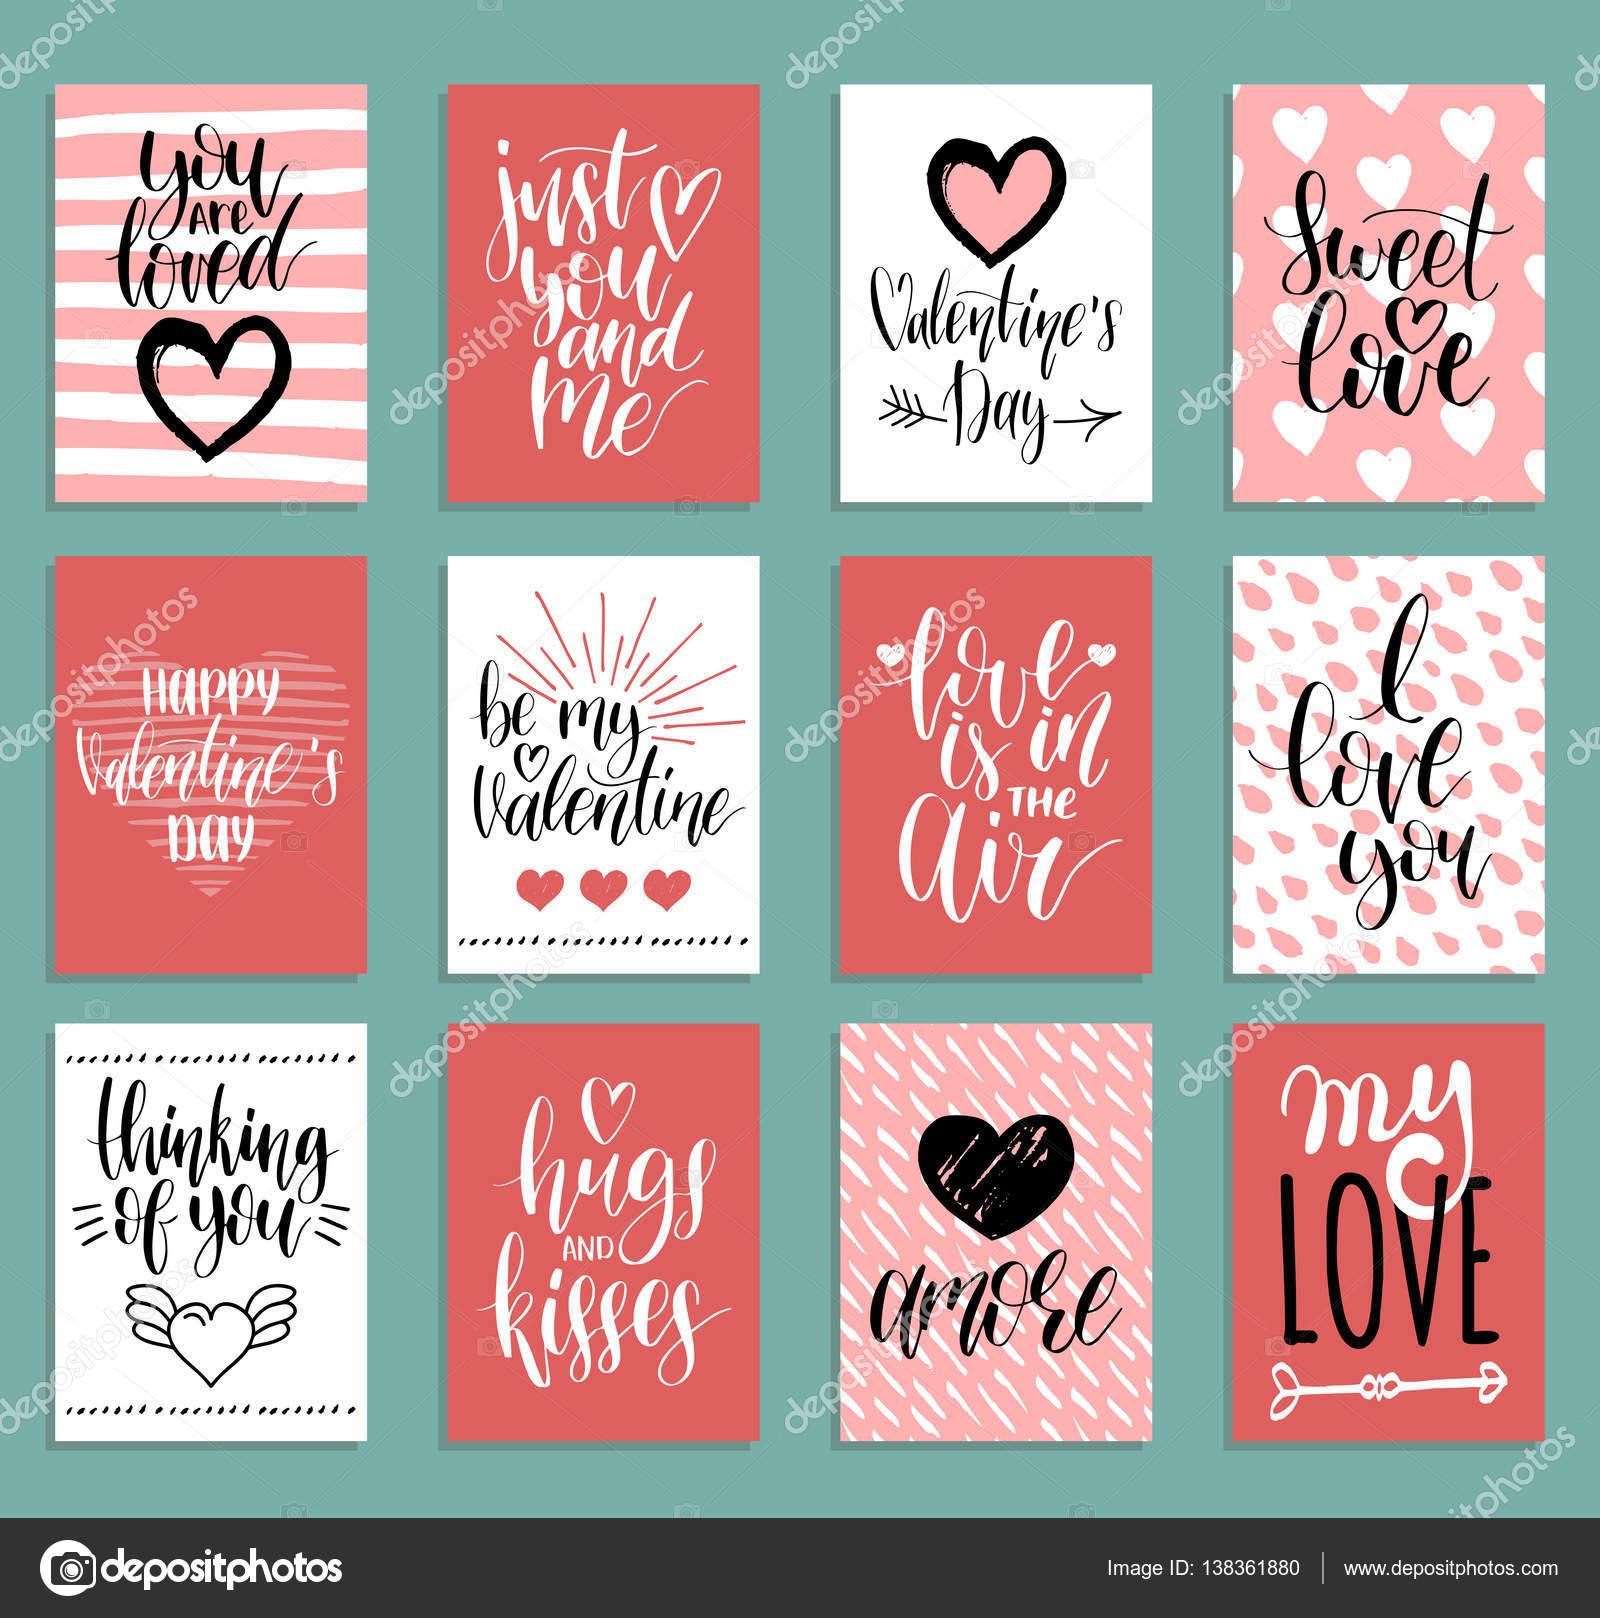 Plantillas de tarjeta de San Valentín — Archivo Imágenes ...